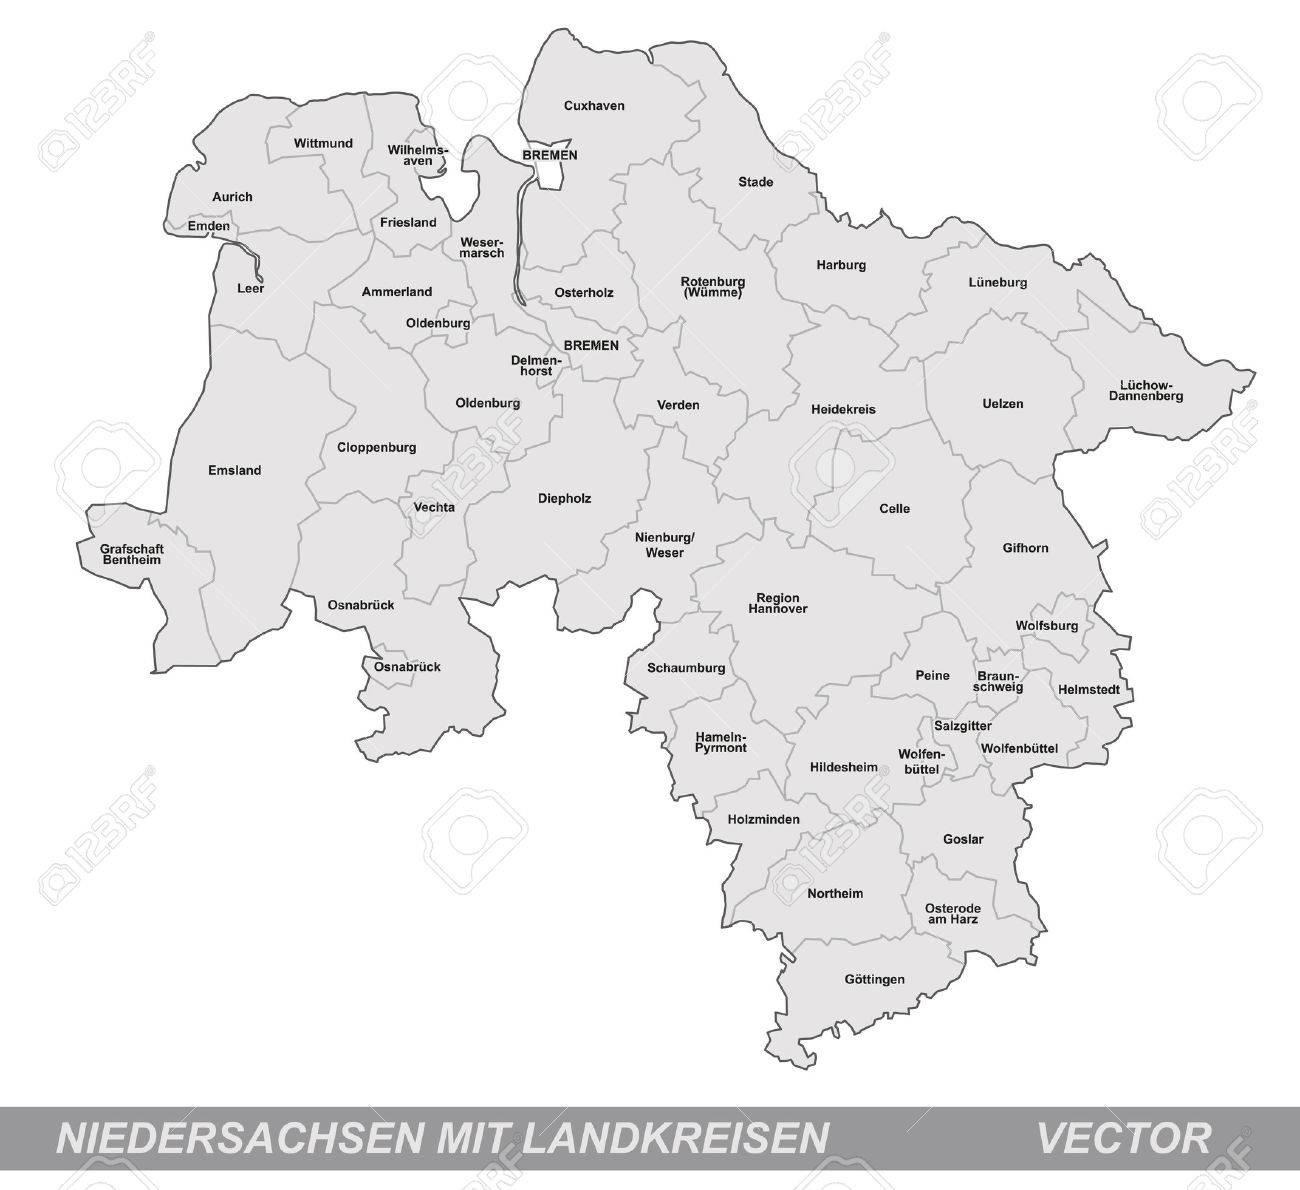 グレーのボーダーとニーダー ザクセン州の地図のイラスト素材・ベクタ ...